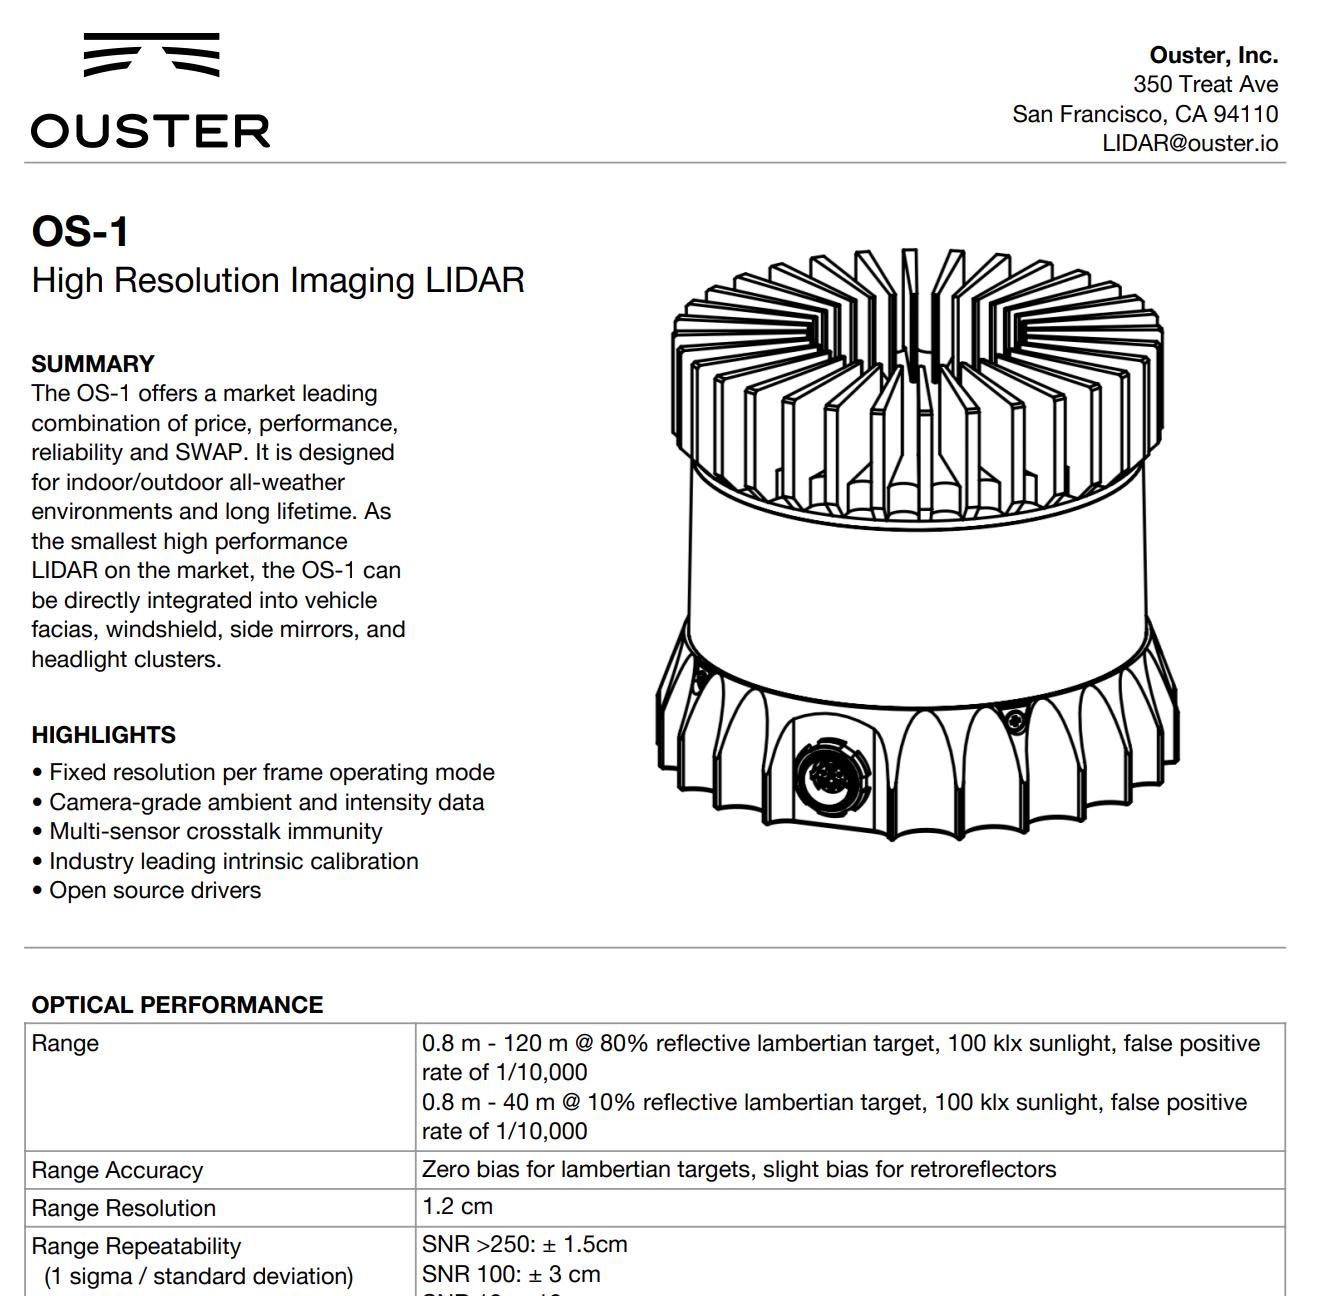 Ouster OS-1 lidar and Google Cartographer Integration